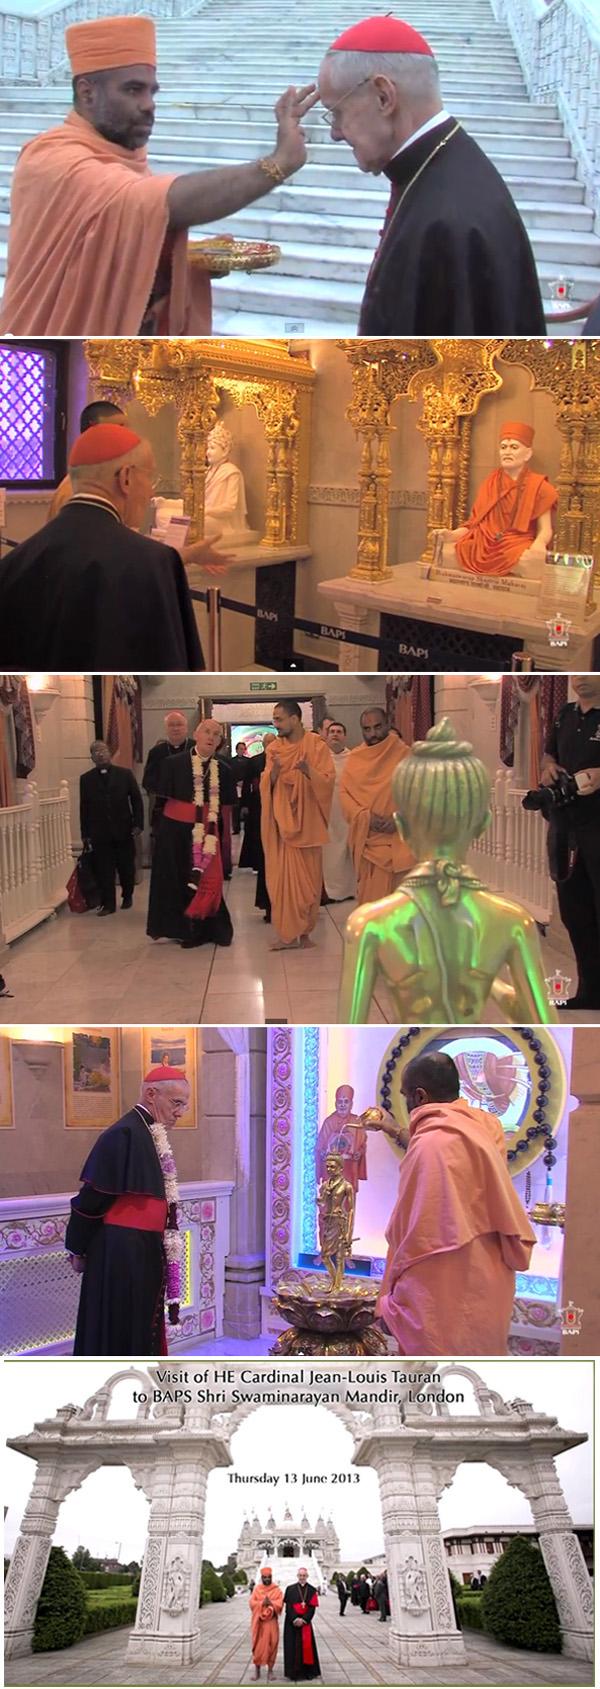 El cardenal Tauran en templo hindú en Londres 3